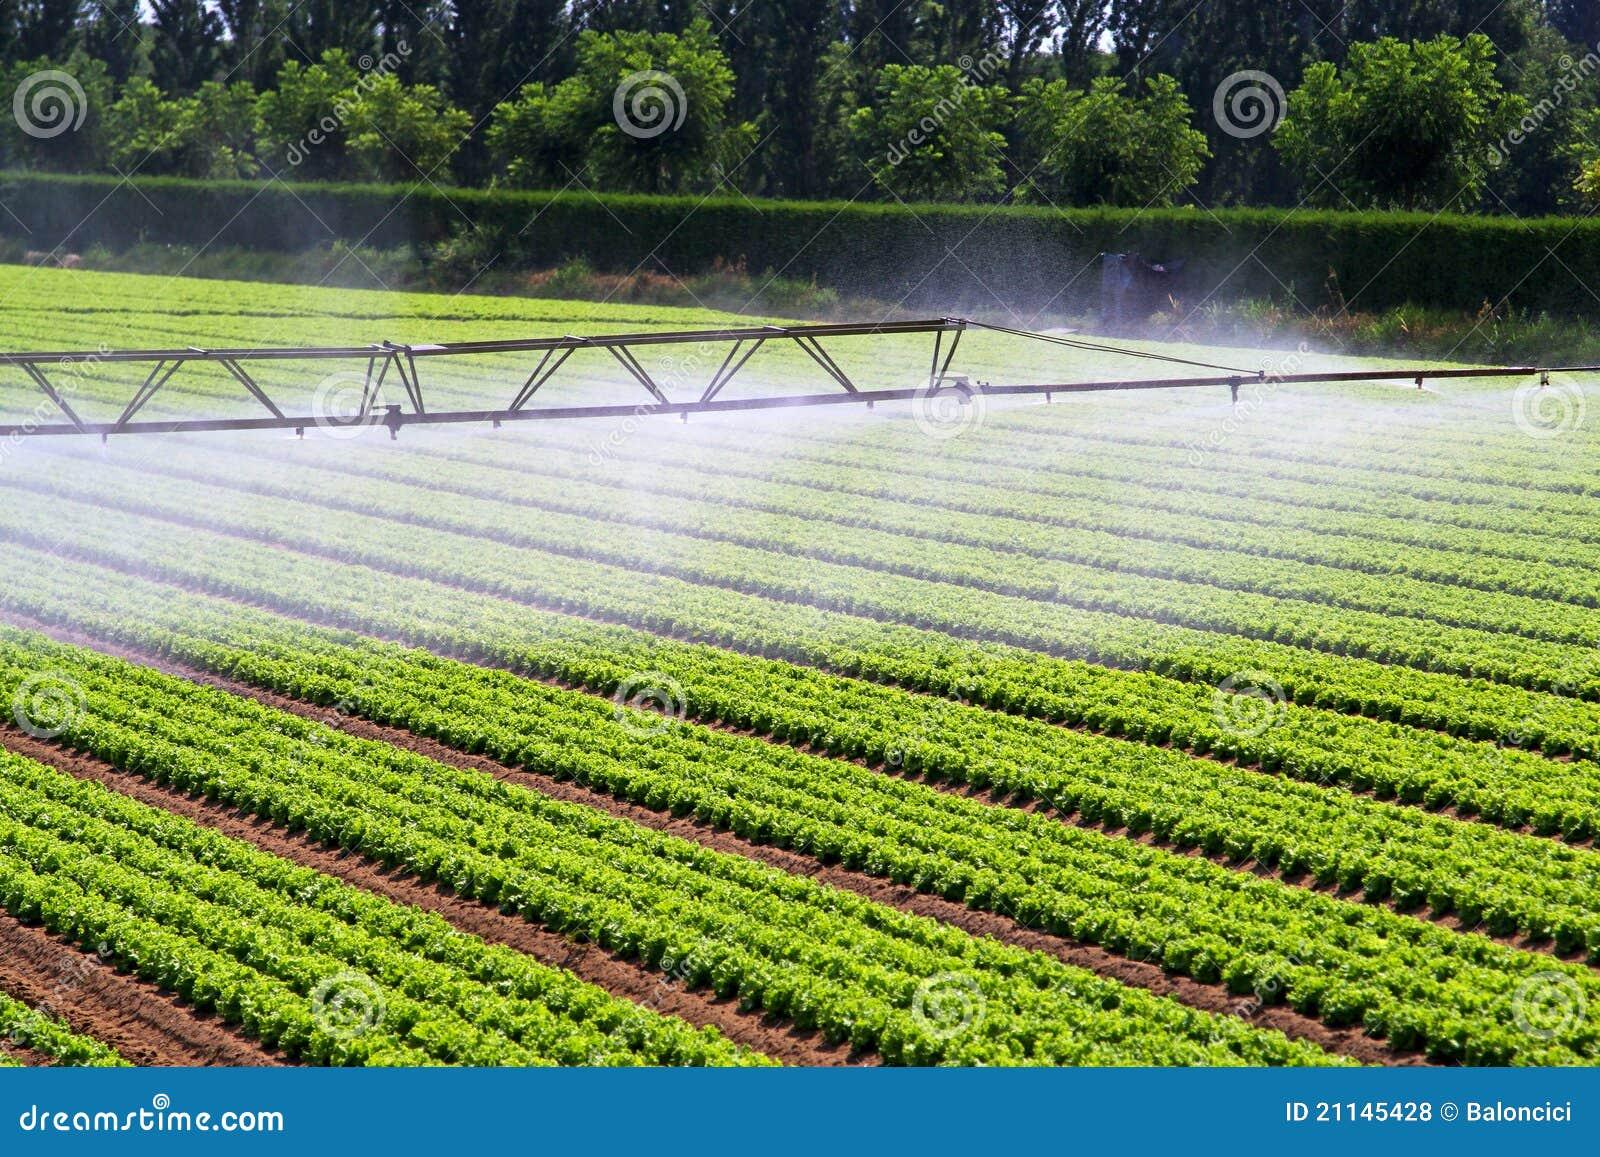 Дождевание полив орошение